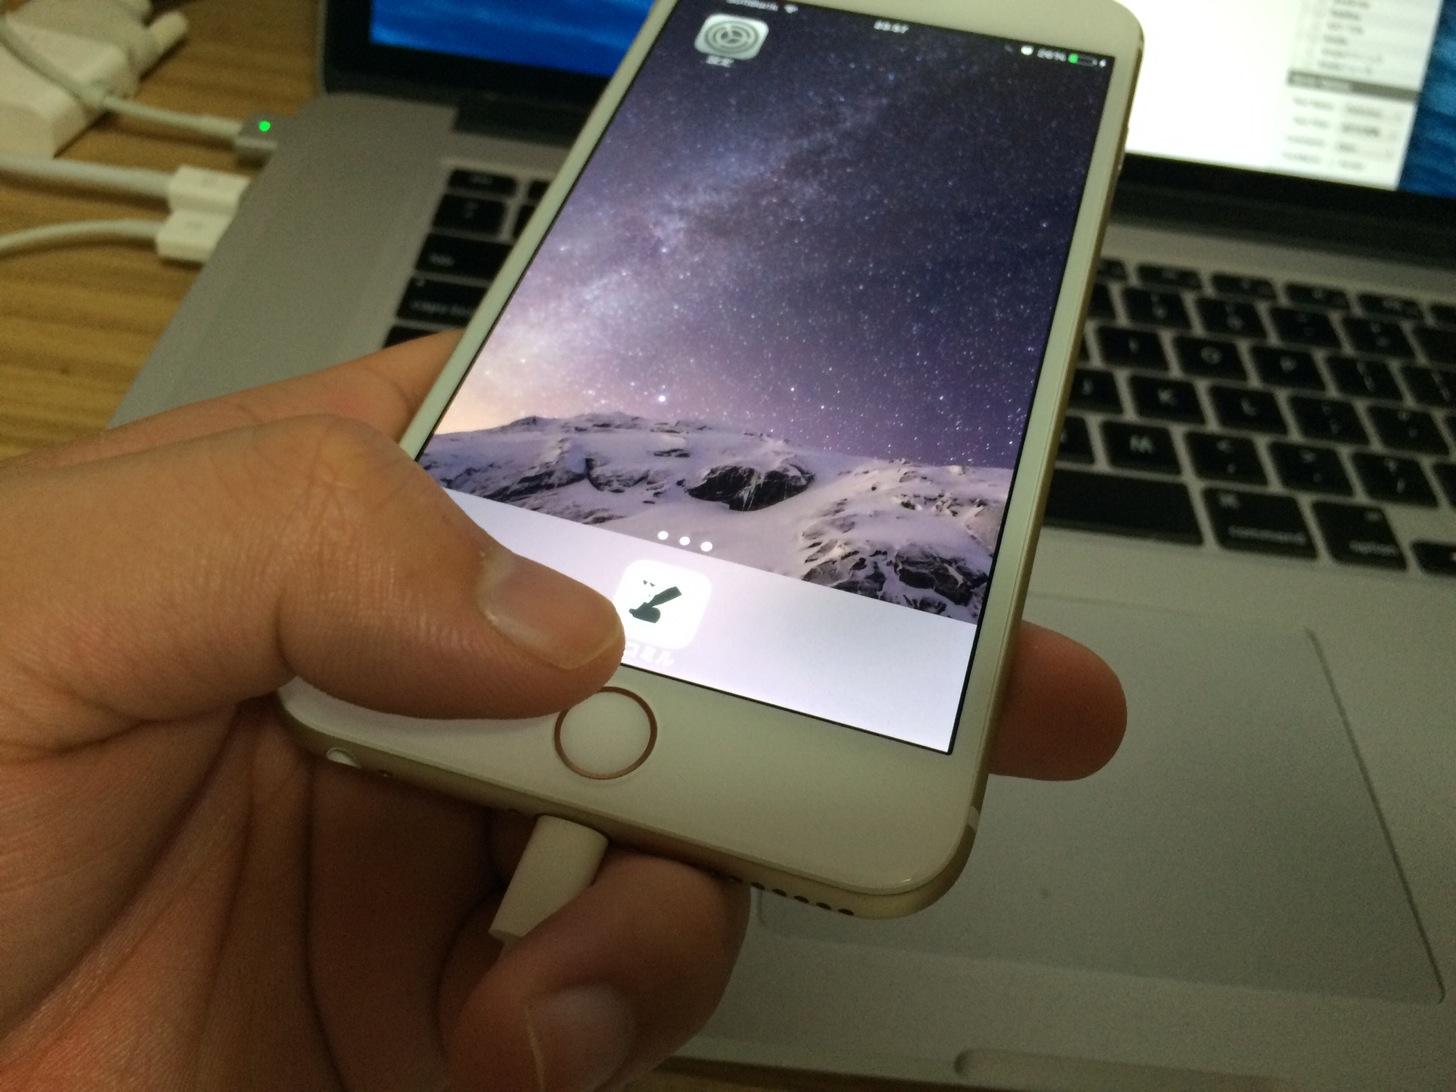 指紋認証によってiPhoneのロックを解除出来ました。